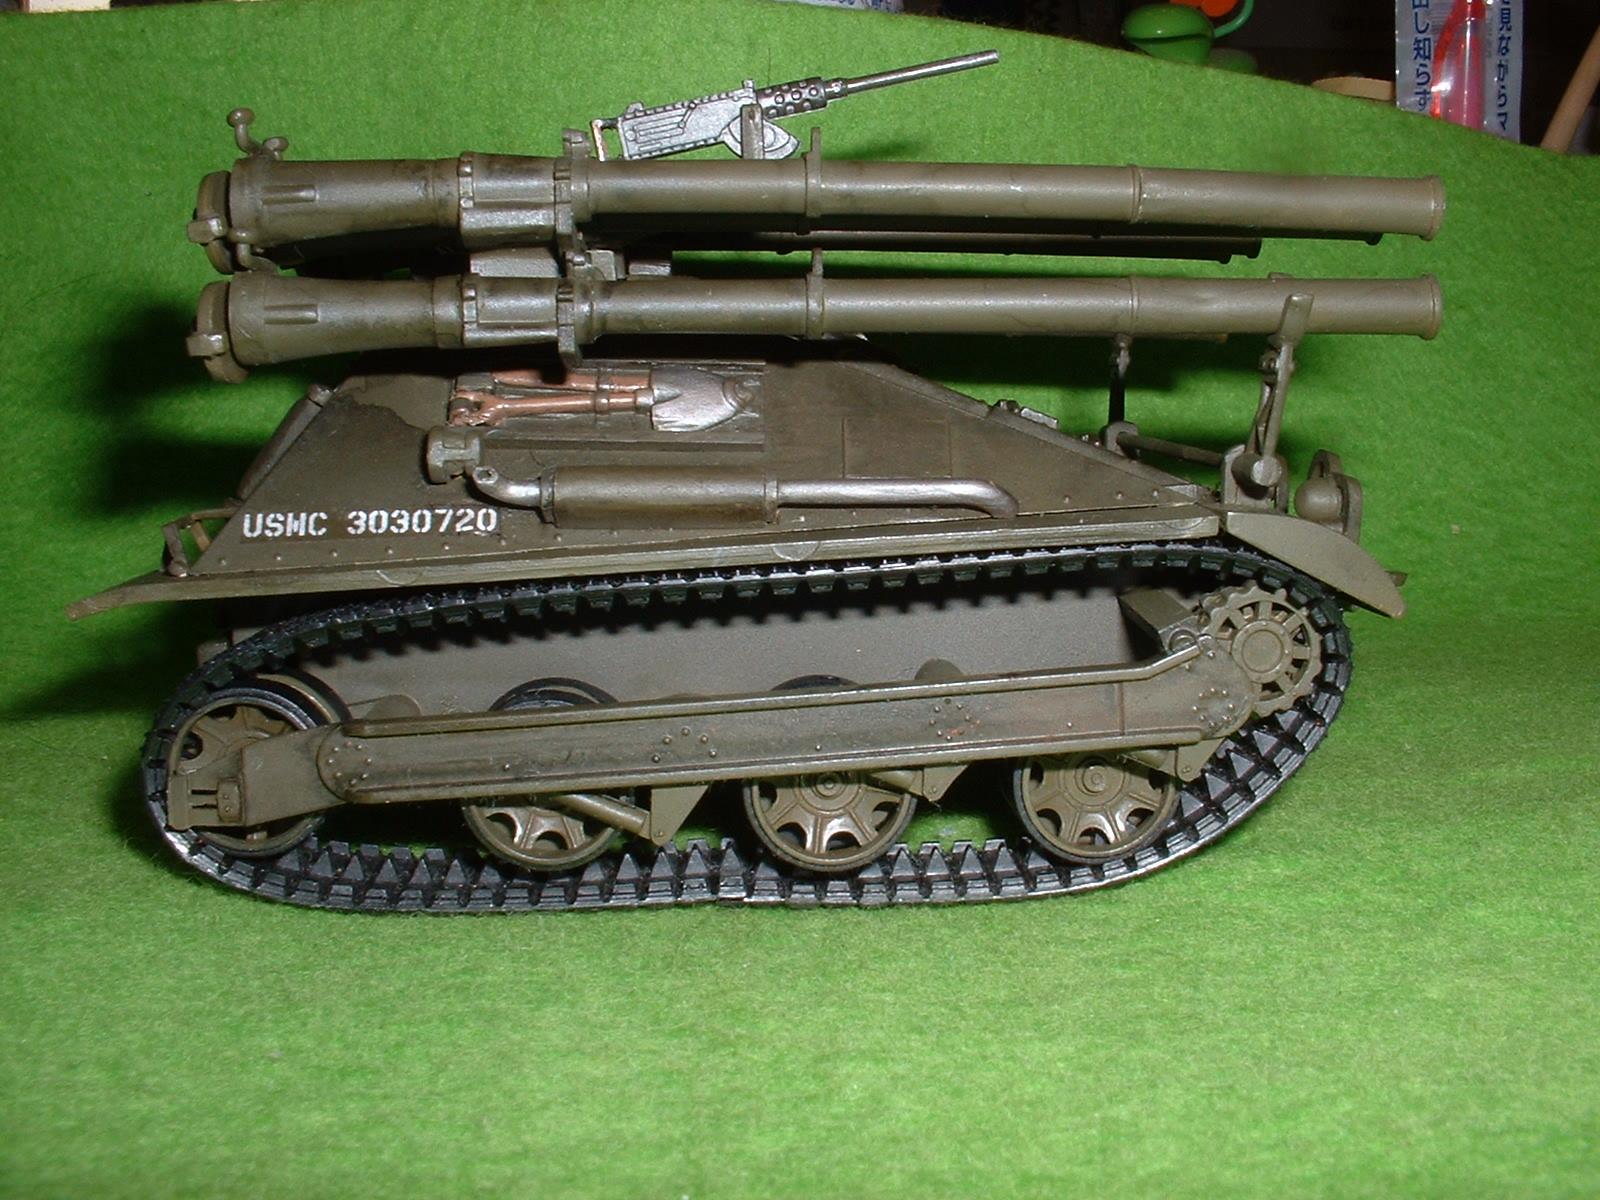 レベル社 32分の1「M-50 オントㇲ」 右側面 Doburoku-TAO.JPG.JPG